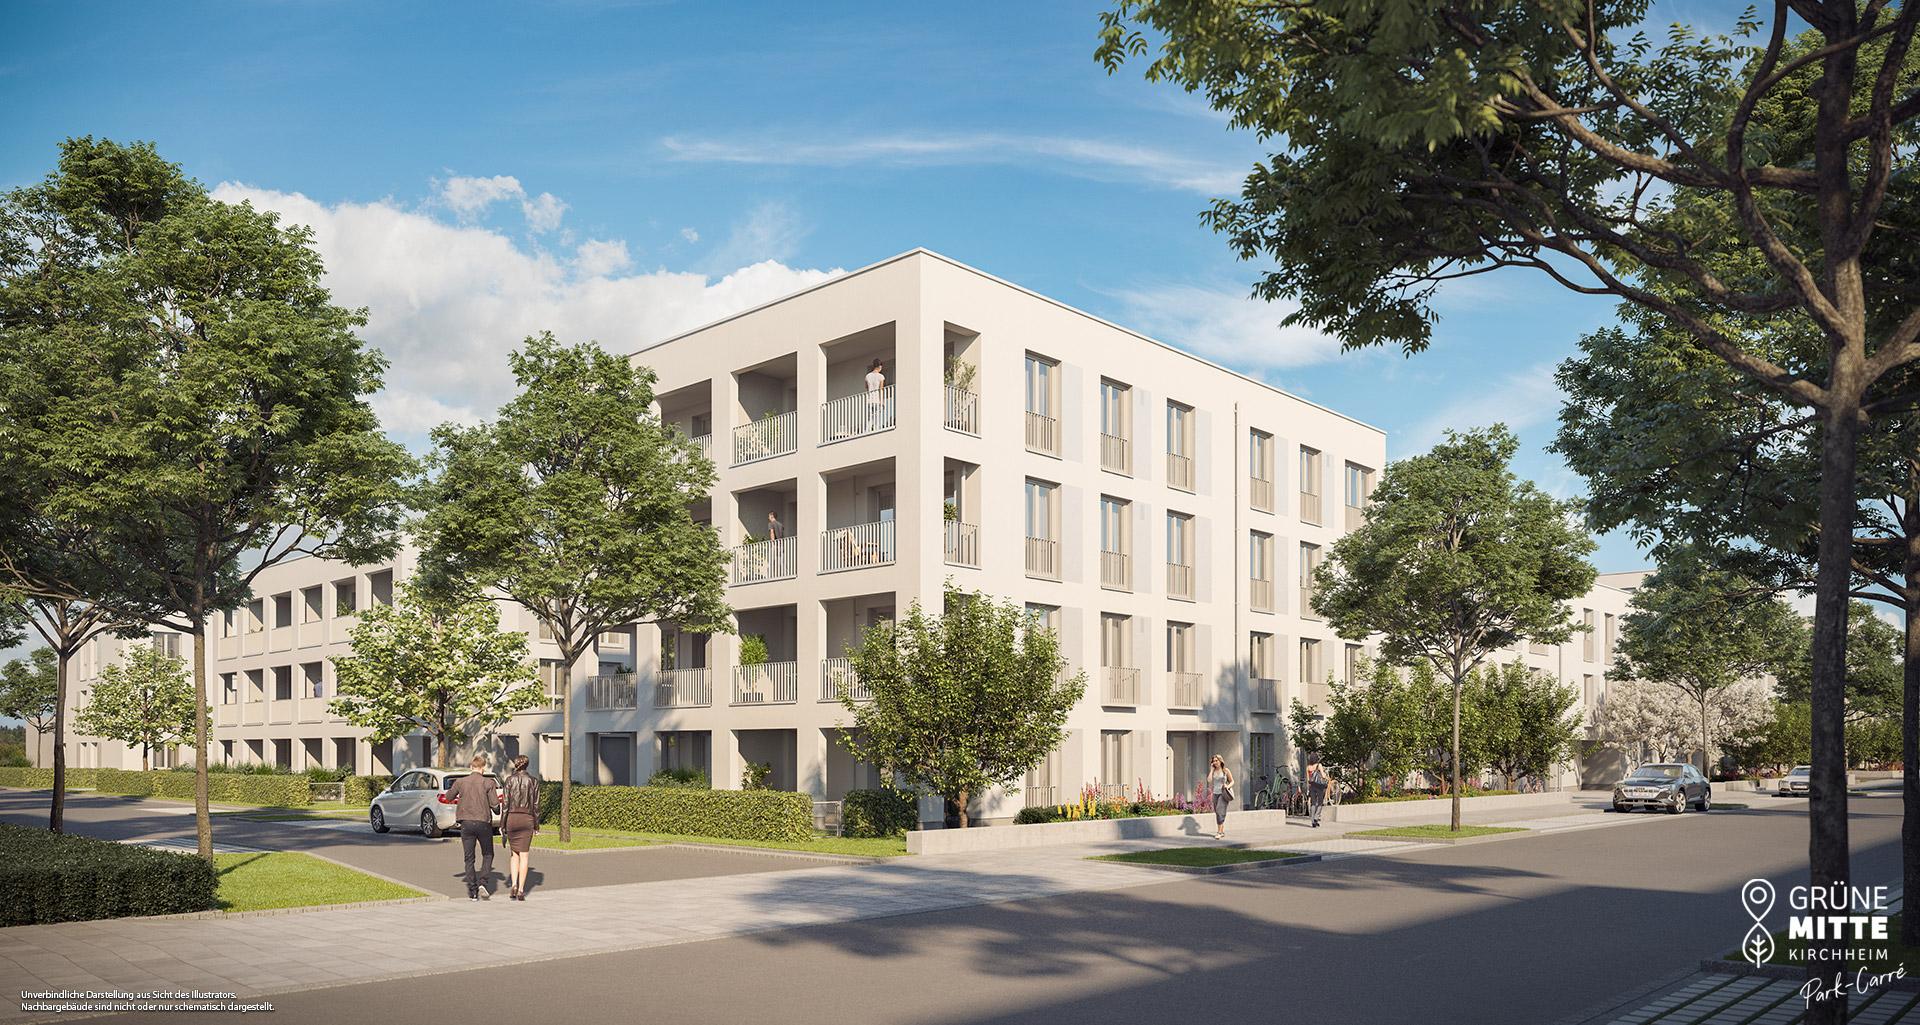 Eigentumswohnungen Kirchheim bei München: Grüne Mitte Kirchheim - Park-Carré - Slider